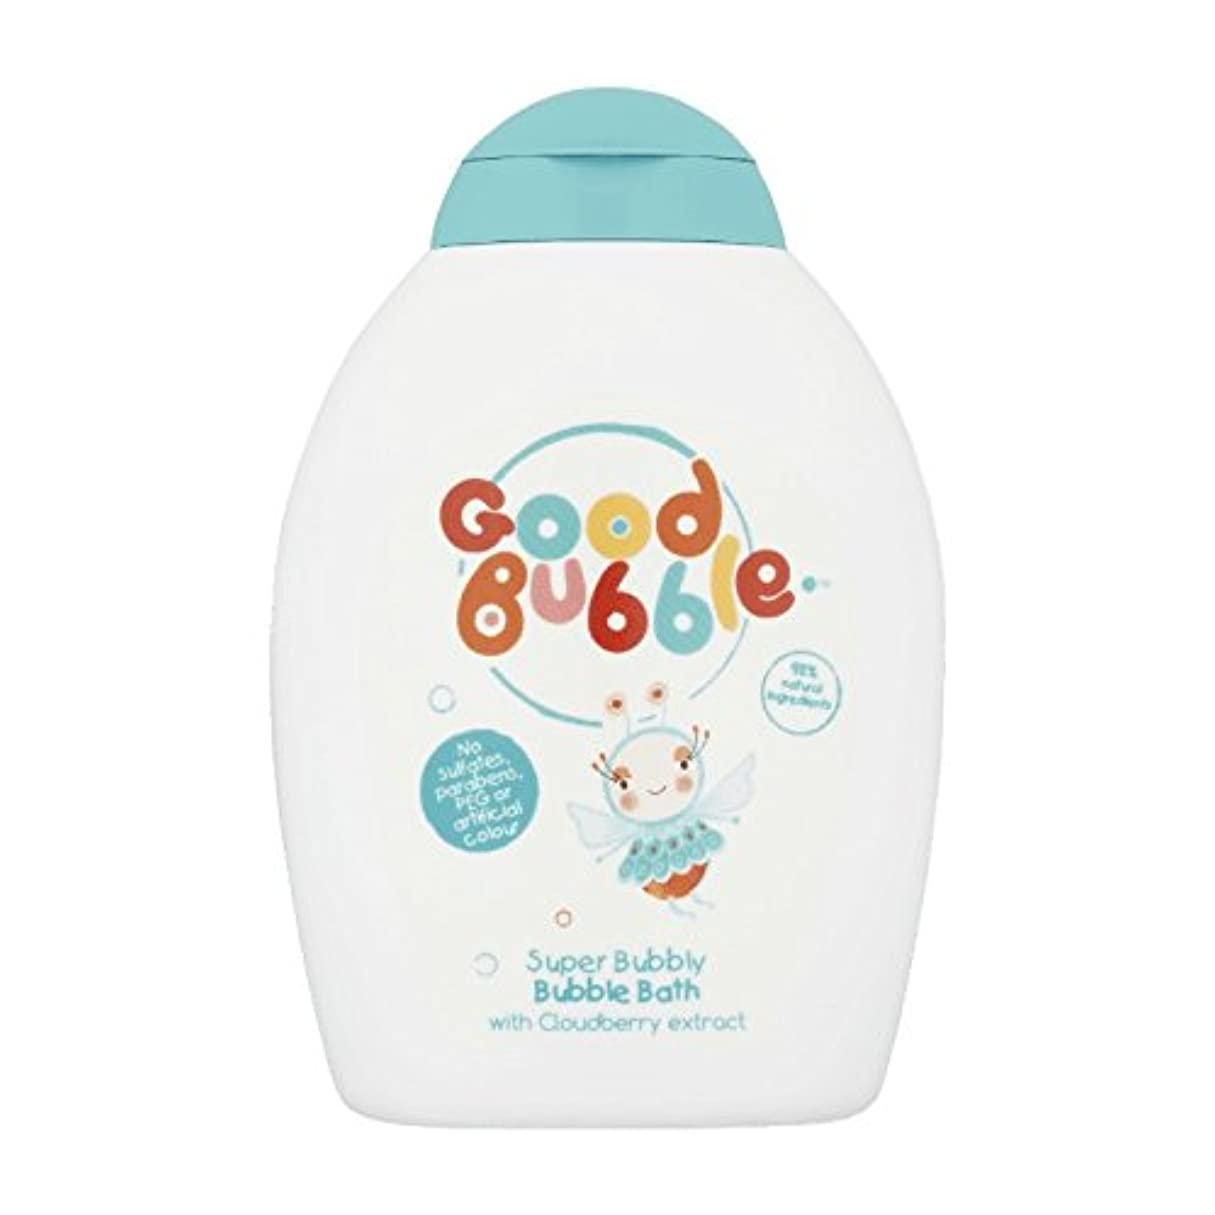 アレイ抱擁ジャム良いバブルクラウドベリーバブルバス400ミリリットル - Good Bubble Cloudberry Bubble Bath 400ml (Good Bubble) [並行輸入品]